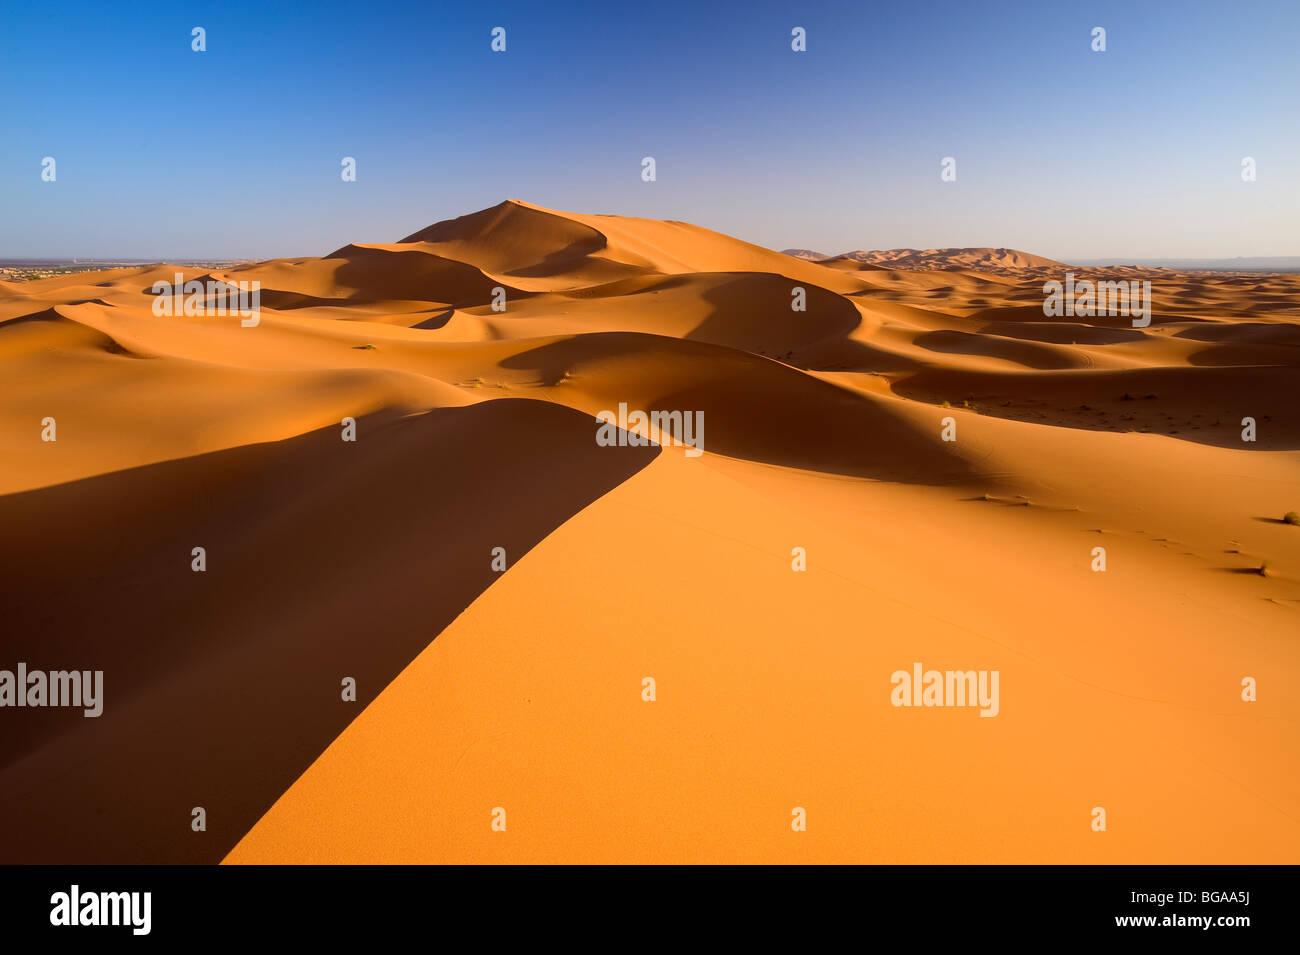 L'Erg Chebbi, Merzouga, Vallée de Ziz, désert du Sahara, Maroc Photo Stock